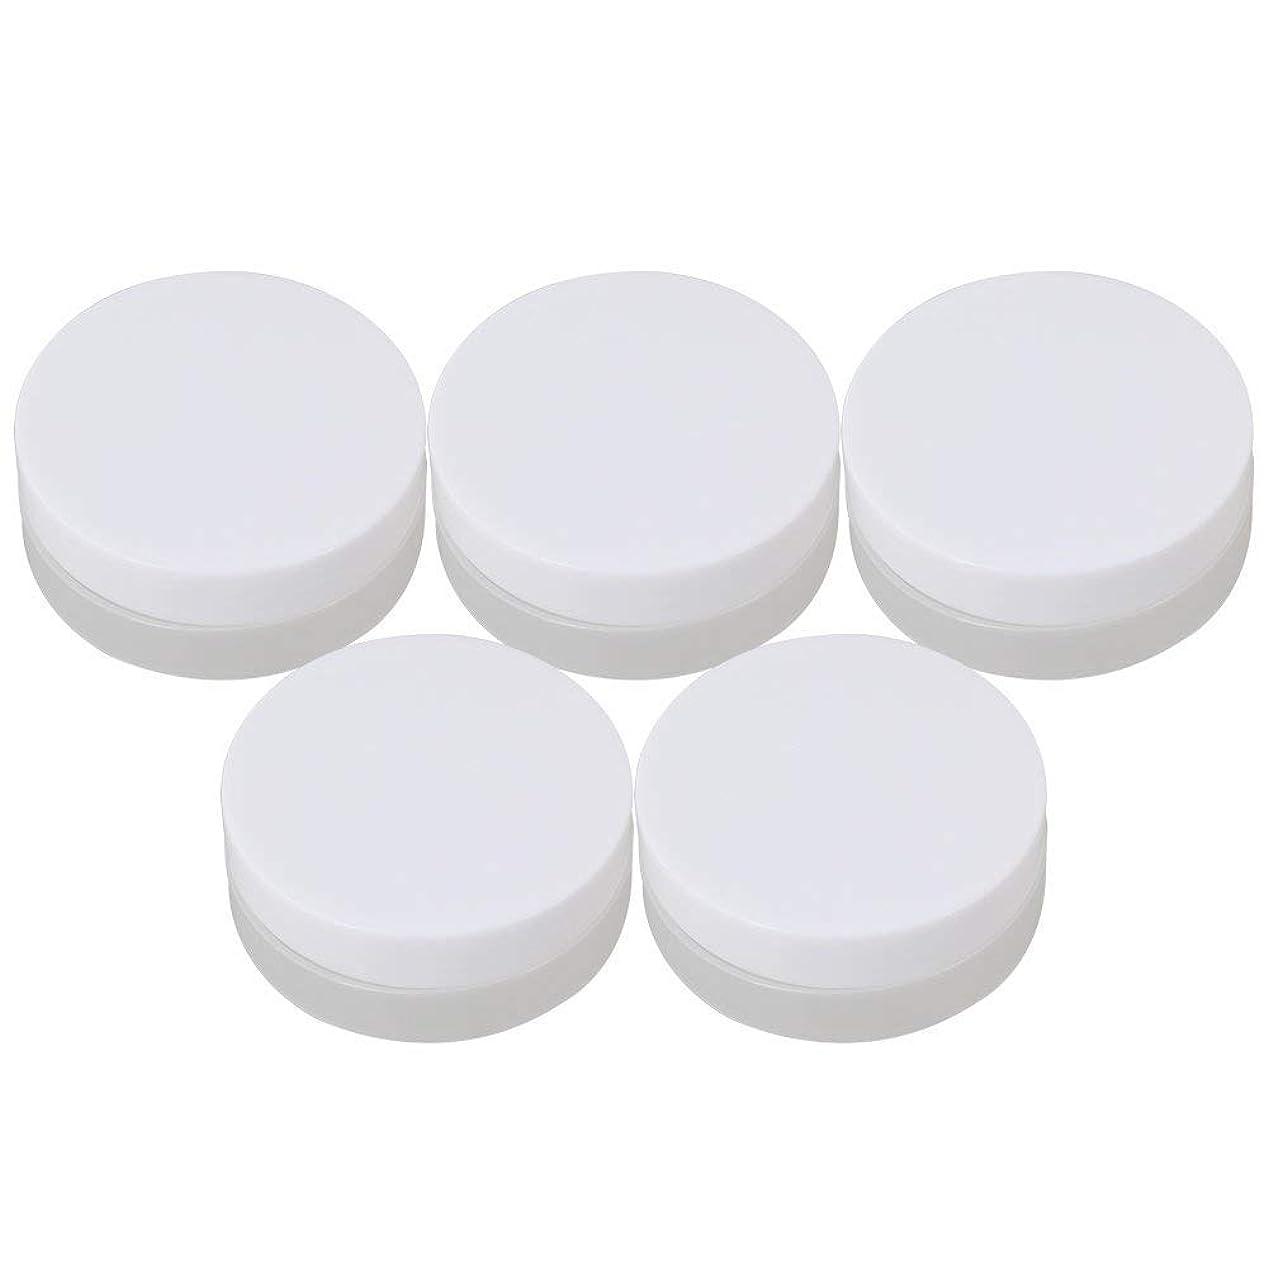 シート放射するクラウンDiystyle 5個入 クリームケース 30g プラスチック製 艶消し 化粧品用 小分け容器 ホワイト